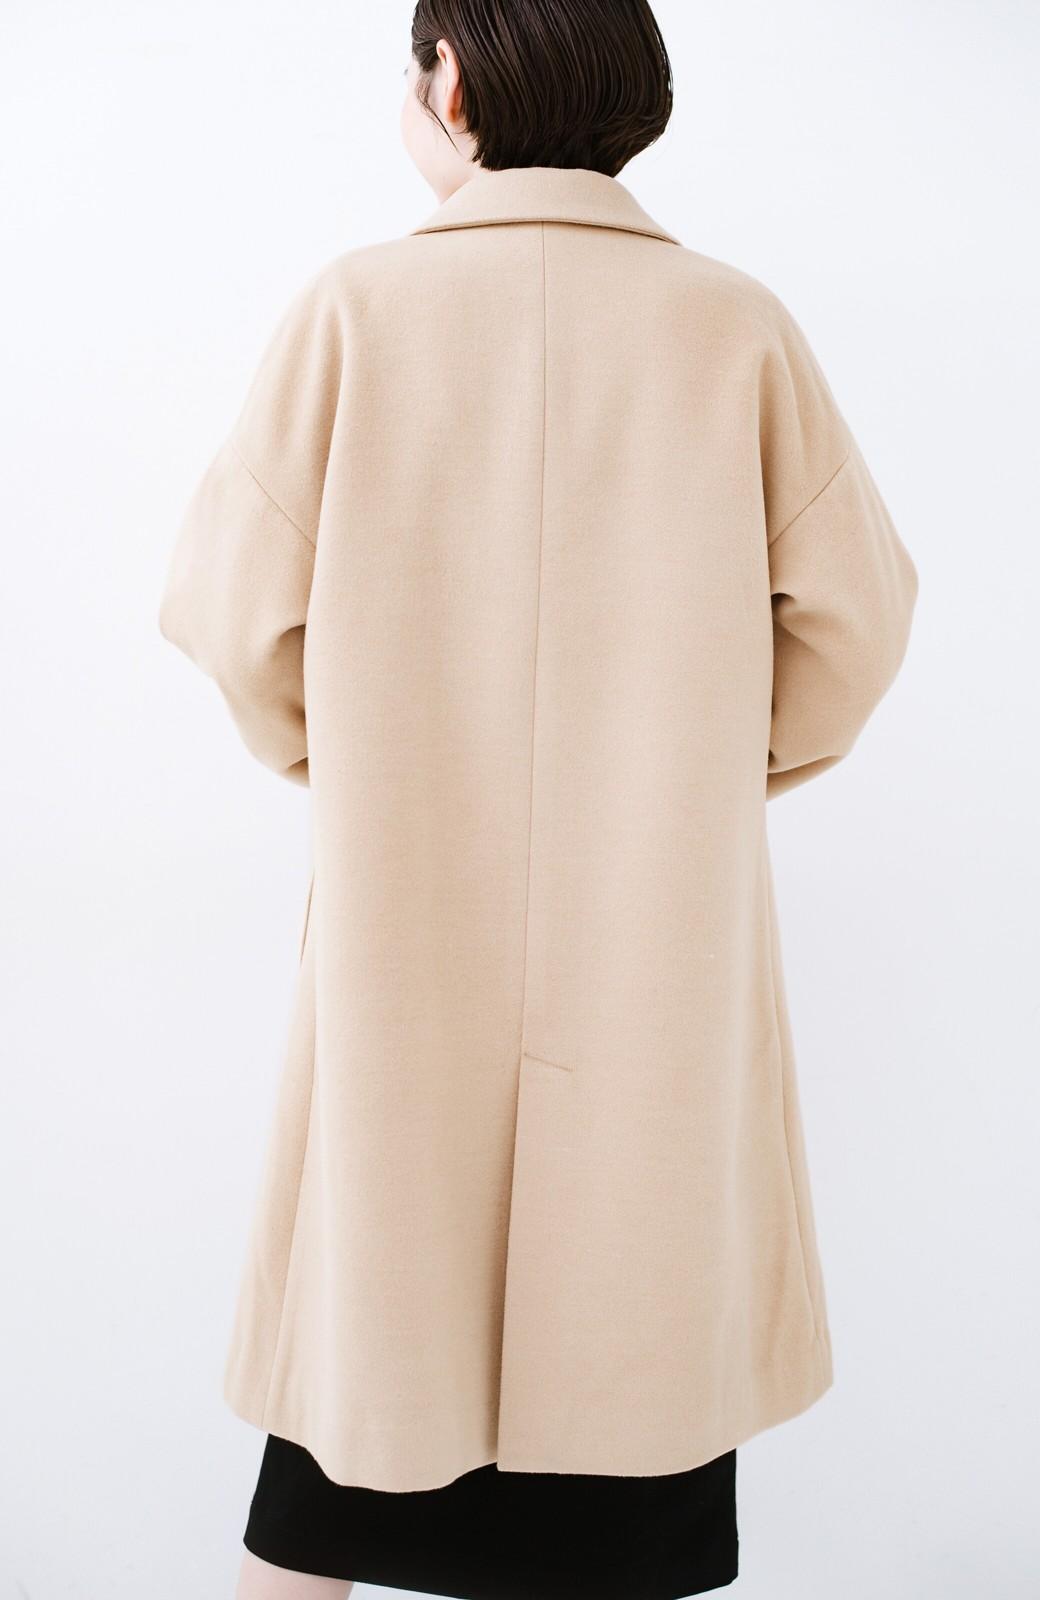 haco! ギリギリ女子の防寒で終わらず華やかにいけるんちゃうか 袖ぷっくりチェスターコート <ベージュ>の商品写真18